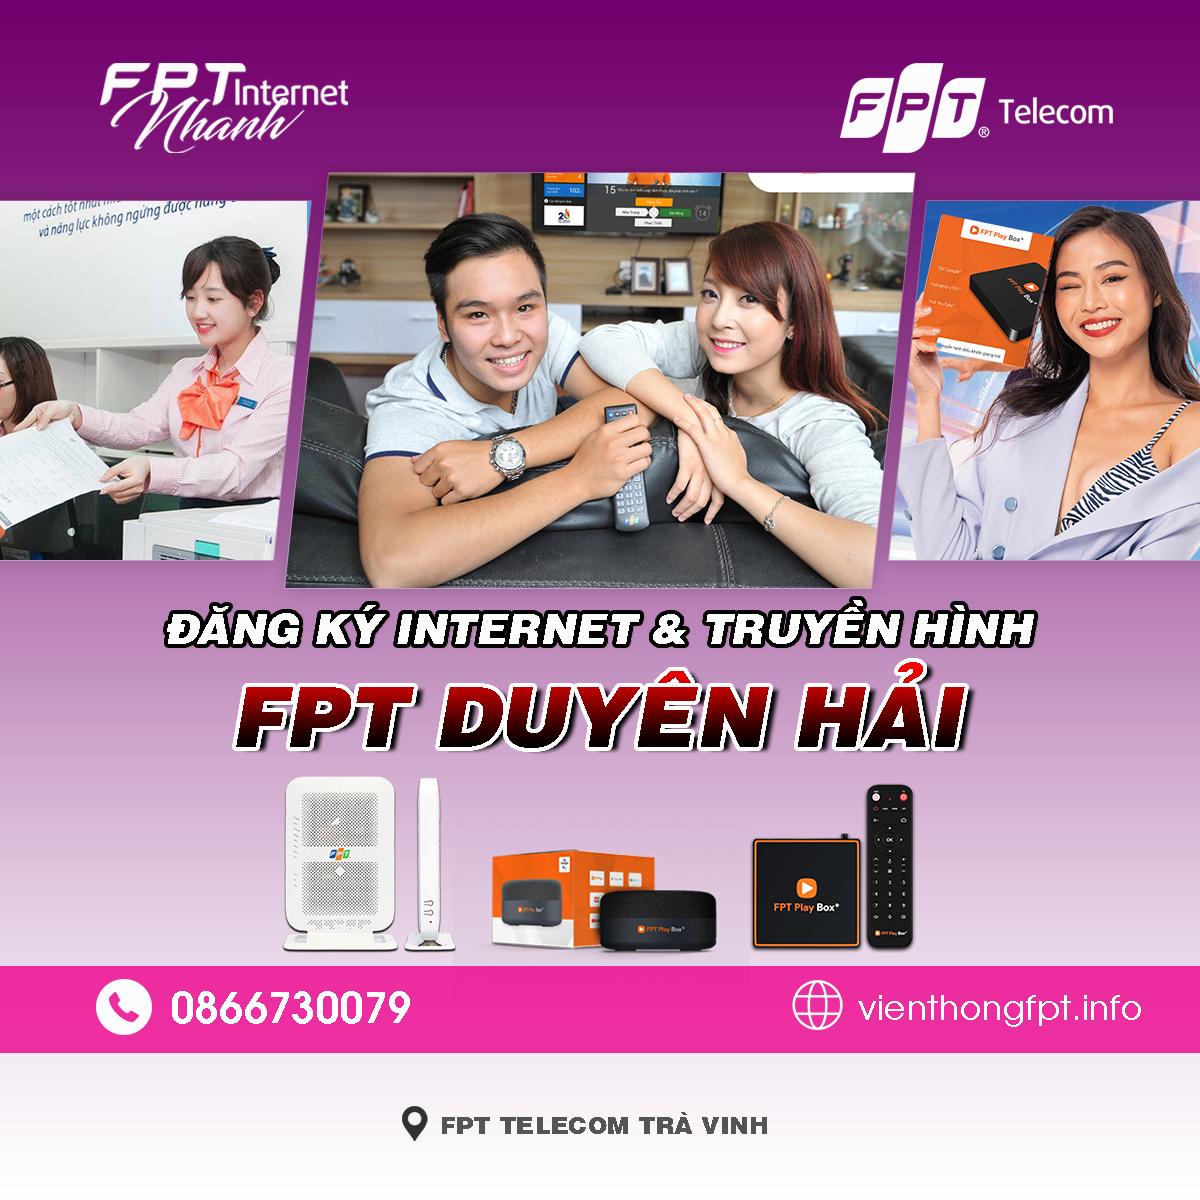 Tổng đài FPT Duyên Hải - Đơn vị lắp mạng Internet và Truyền hình FPT